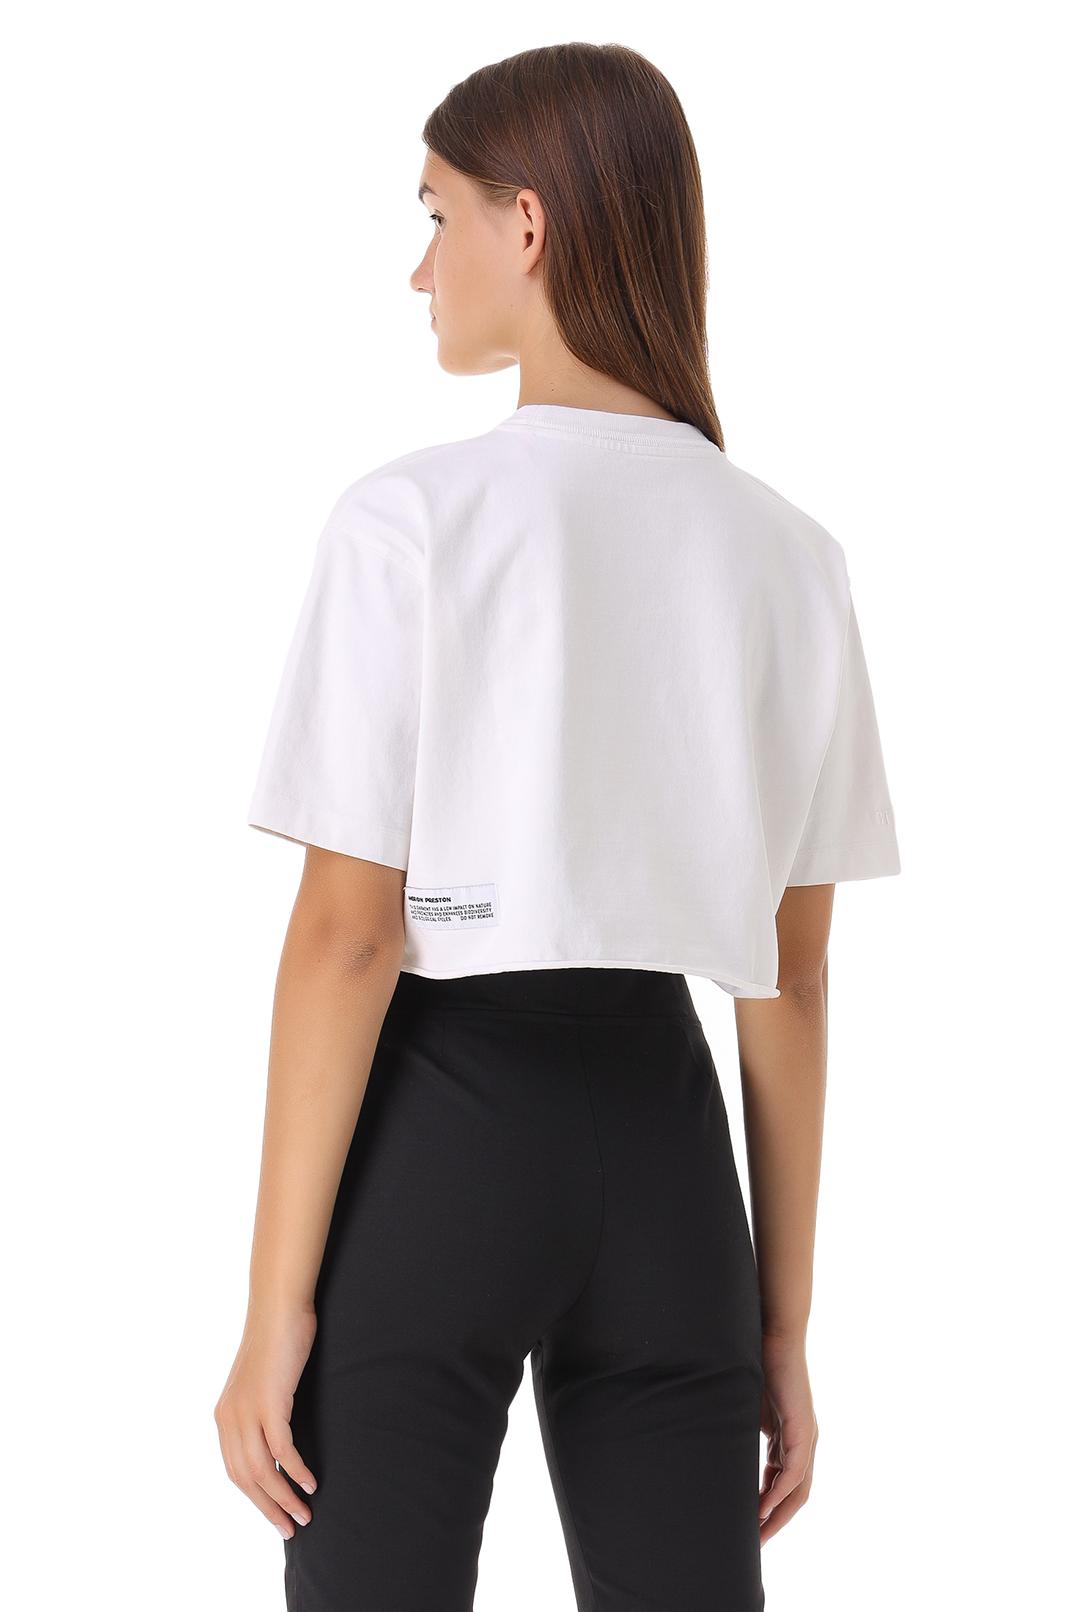 Укороченная футболка СТИЛЬ HERON PRESTON HPw21007